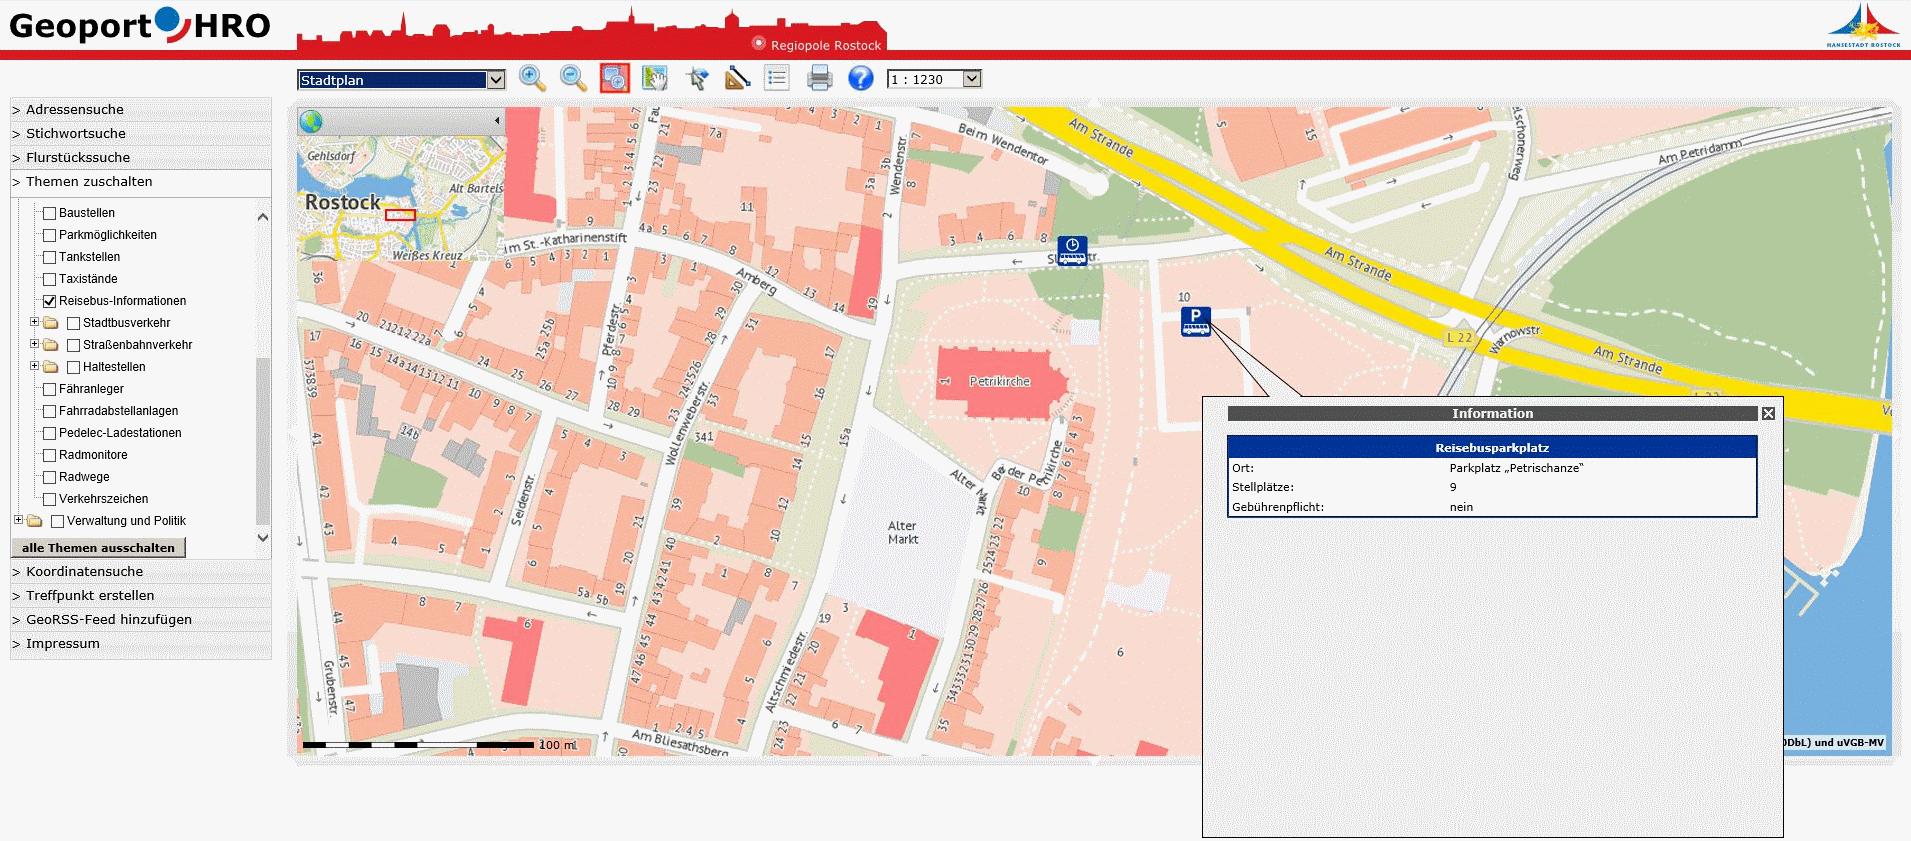 neuer Parkplatz mit Busparkplätzen